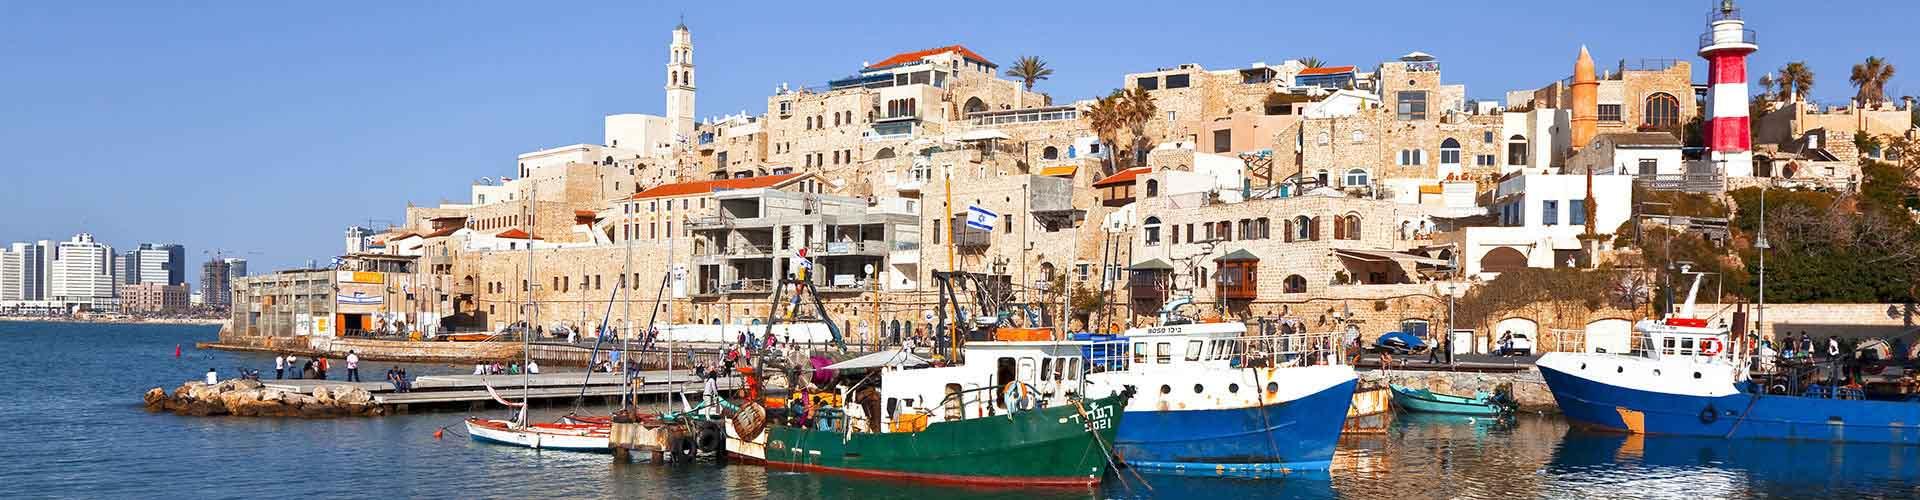 Tel Aviv - Albergues Juveniles en Tel Aviv. Mapas de Tel Aviv, Fotos y Comentarios para cada Albergue Juvenil en Tel Aviv.